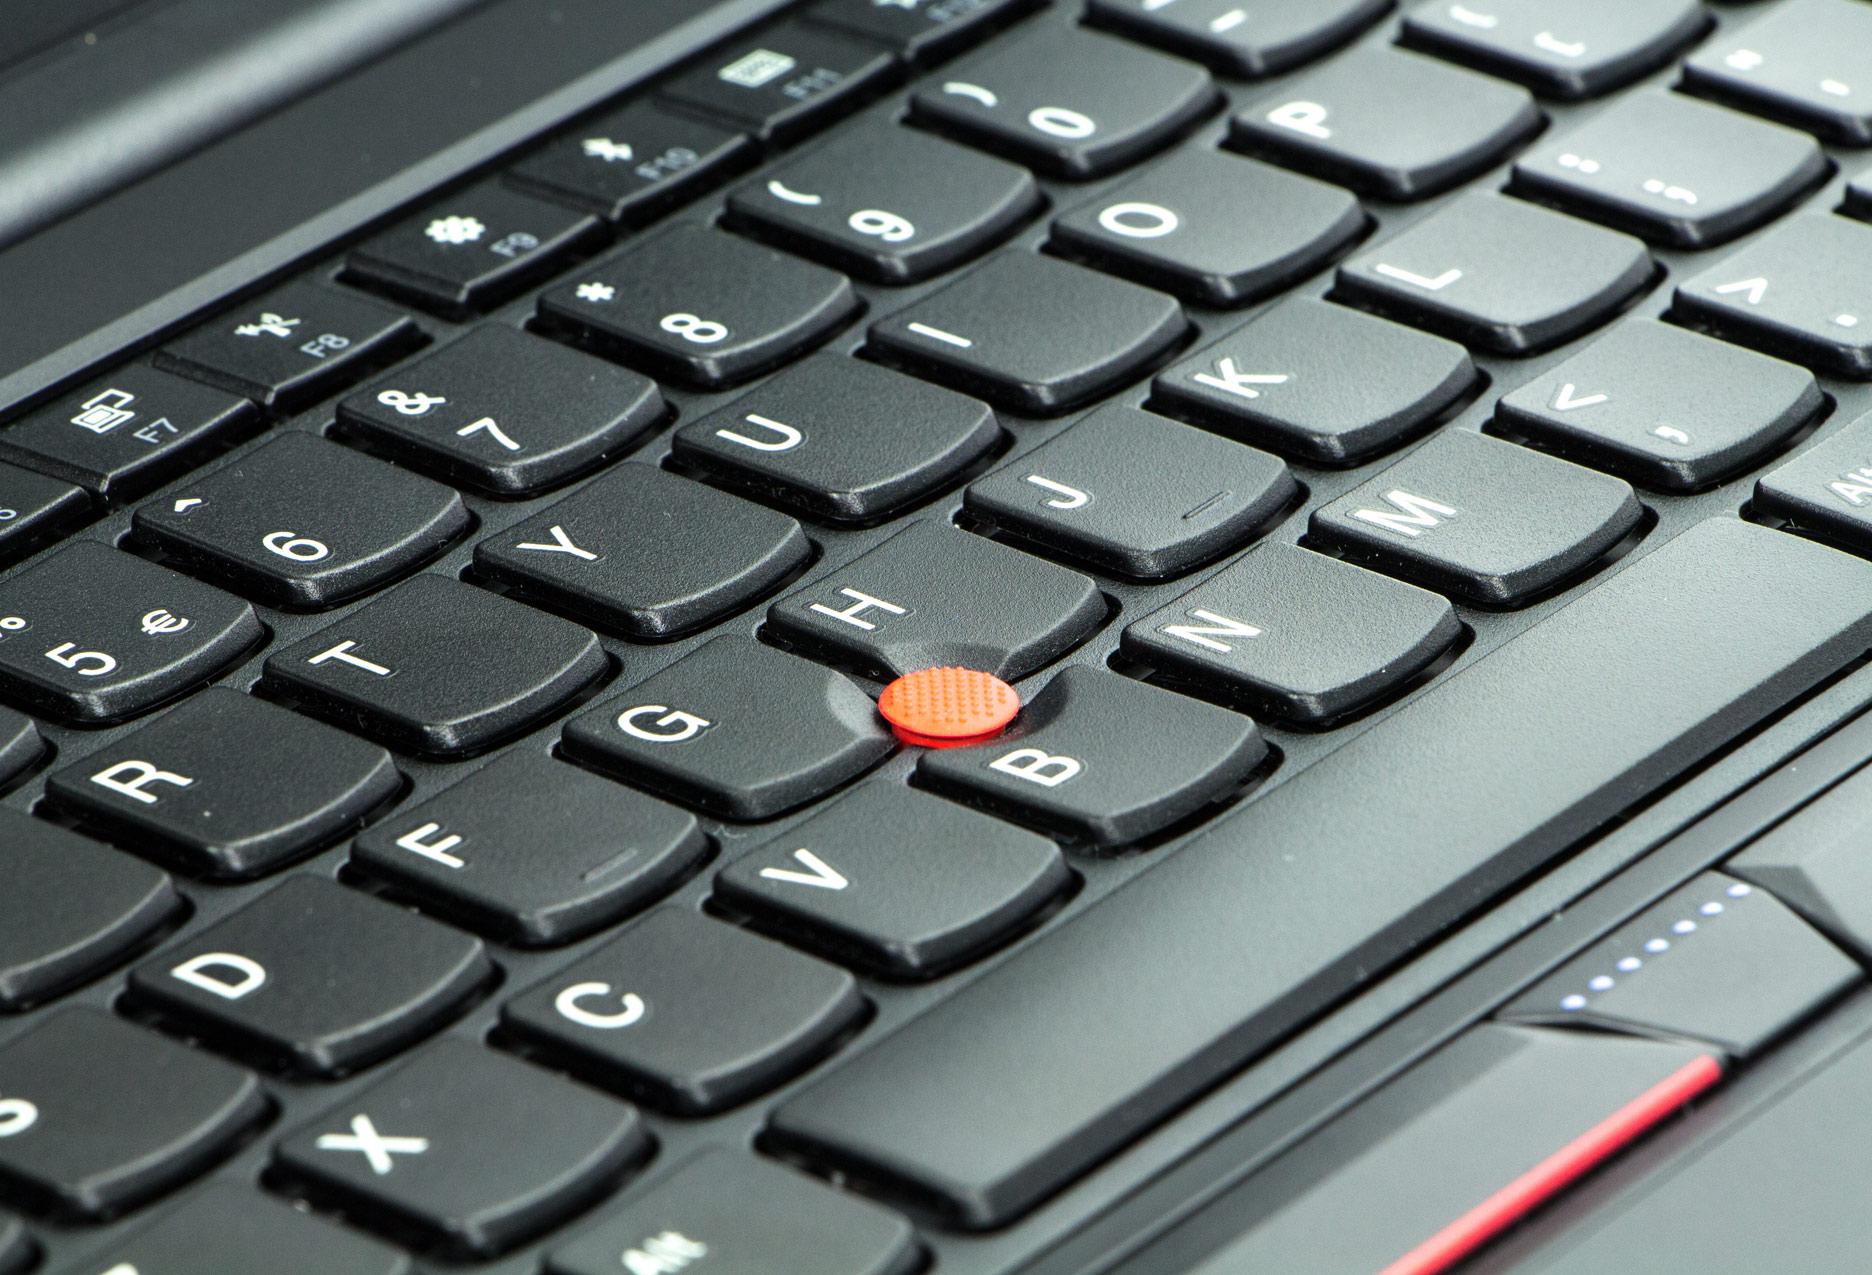 Lenovo ThinkPad E470 trackpoint